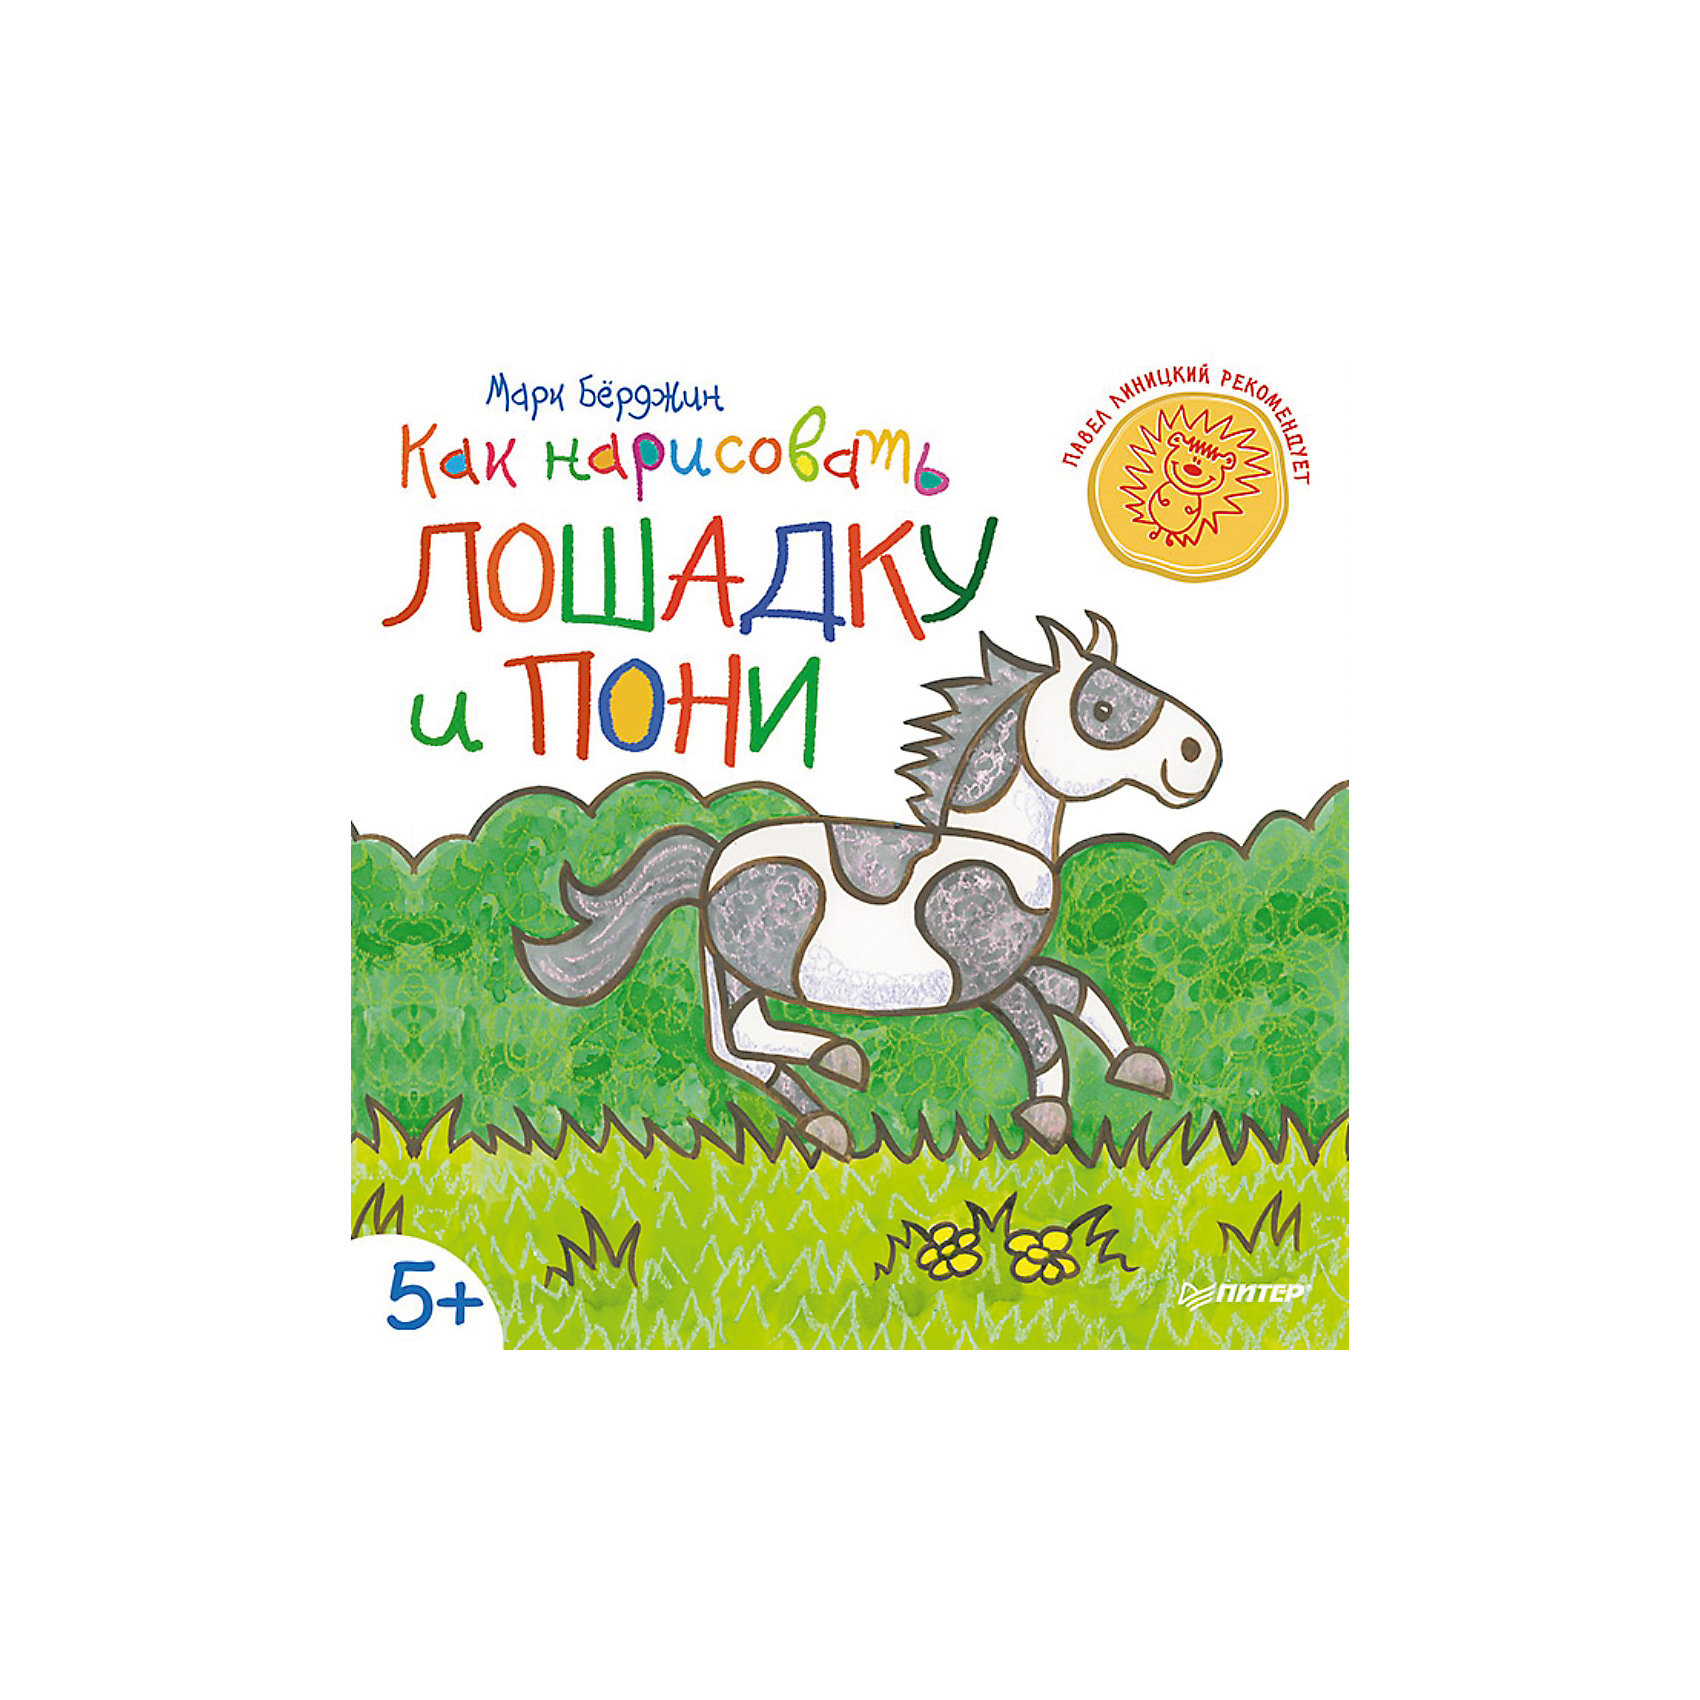 Как нарисовать лошадку и пониРаскраски по номерам<br>Характеристики книги Как нарисовать лошадку и пони:<br><br>• автор: Марк Берджин<br>• ориг.название: Its Fun to Draw Ponies and Horses<br>• формат издания: 22 х29 см (большой формат)<br>• количество страниц: 48<br>• год выпуска: 2015<br>• издательство: Питер<br>• серия: Вы и Ваш ребенок<br>• переводчик: Павел Линицкий<br>• переплет: мягкая обложка<br>• цветные иллюстрации : да<br>• язык издания: русский<br>• возраст: от 5 лет <br>• тип издания: отдельное издание<br>• вес в упаковке: 190 г<br><br>Хотите научиться рисовать задорную дрессированную лошадку, лохматого шотландского (а вовсе не шотландского!) Пони или милое лошадиное семейство? Открывайте книжку, читайте простые пошаговые инструкции и рисуйте на радость себе и детям! А заодно расскажите малышам, что скачки с барьерами называются конкуром, а первые кавалеристы появились 5000 лет назад. Забавные факты из лошадиной жизни сделают совместное рисование с детьми незабываемым. В конце книги вы найдёте блокнотик для закрепления результатов и новых экспериментов.<br><br>Об авторе:<br><br>Марк Бёрджин — английский художник, автор более 20 книг. Иллюстрации Марка были удостоены особых наград. Бёрджин оформил множество книг и плакатов, рисовал для мультфильмов и рекламных роликов. Сегодня он живёт на юге Англии с женой и тремя детьми.<br><br>Книгу Как нарисовать лошадку и пони издательства Питер  можно купить в нашем интернет-магазине.<br><br>Ширина мм: 290<br>Глубина мм: 215<br>Высота мм: 30<br>Вес г: 135<br>Возраст от месяцев: -2147483648<br>Возраст до месяцев: 2147483647<br>Пол: Унисекс<br>Возраст: Детский<br>SKU: 5480508